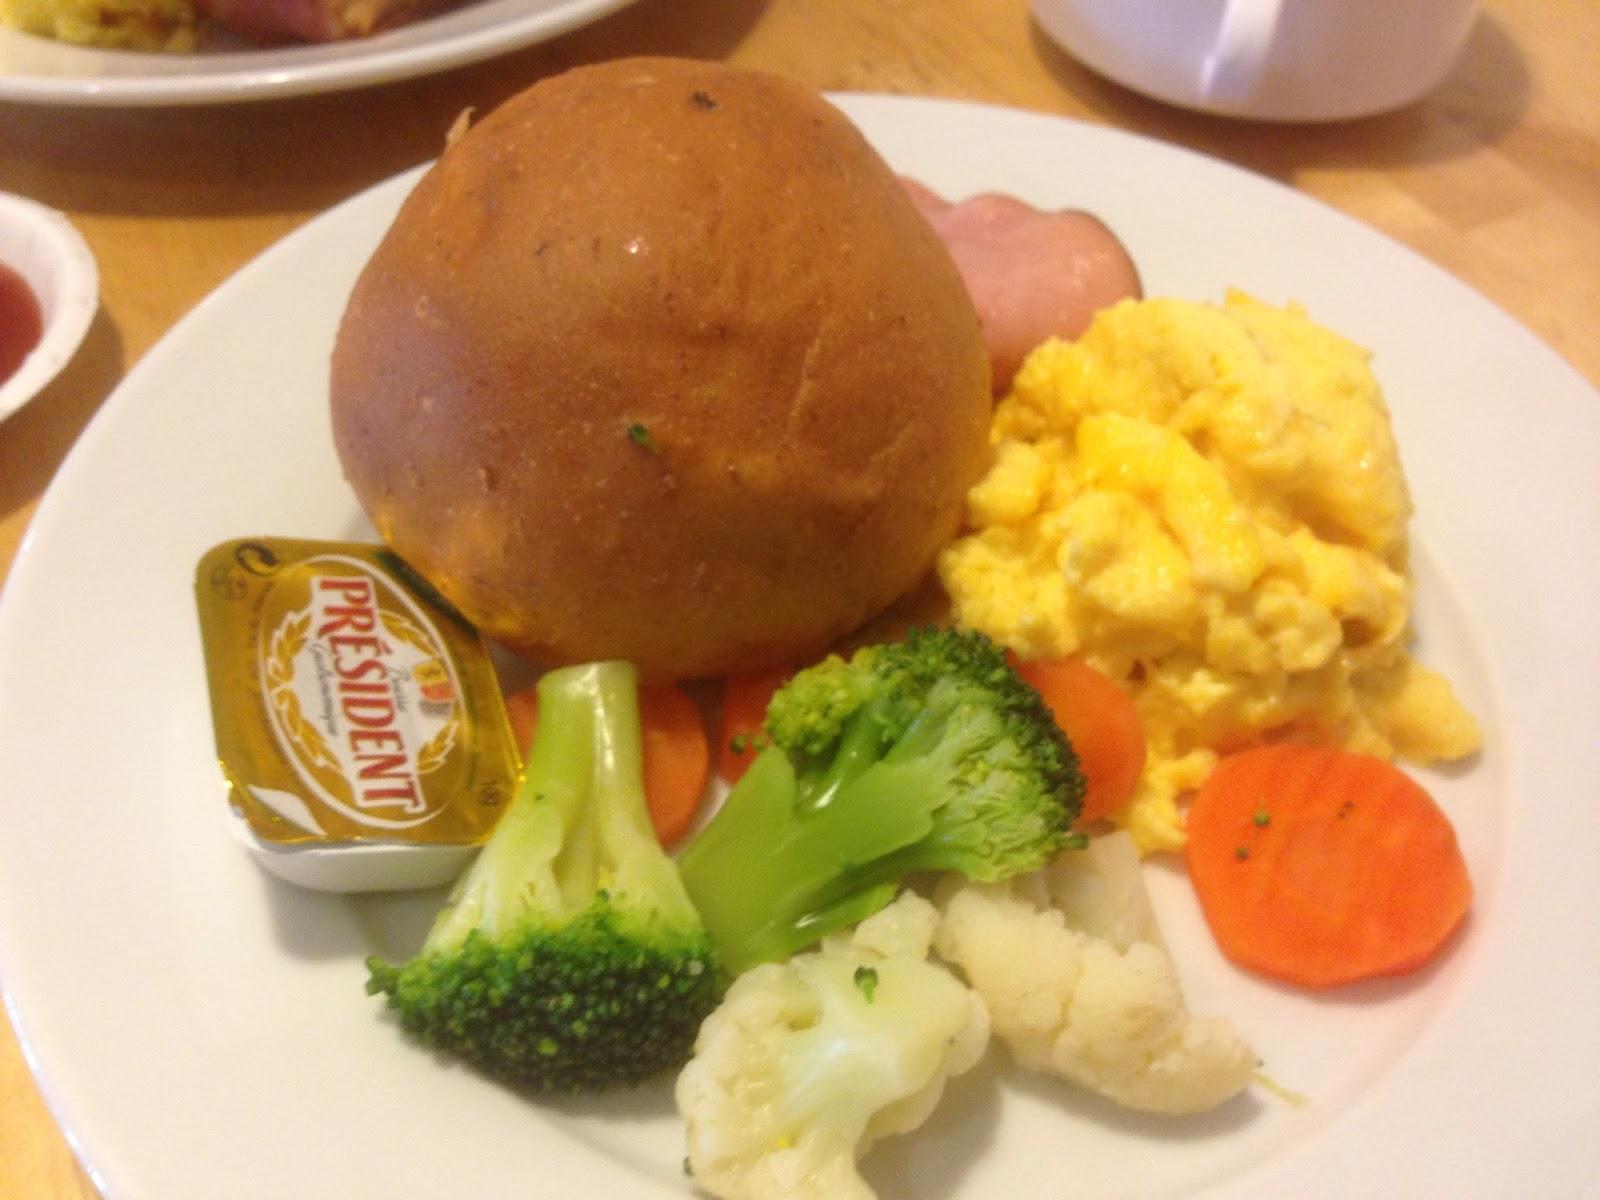 有麵包,奶油,花椰菜,蘿蔔,火腿,歐姆蛋~